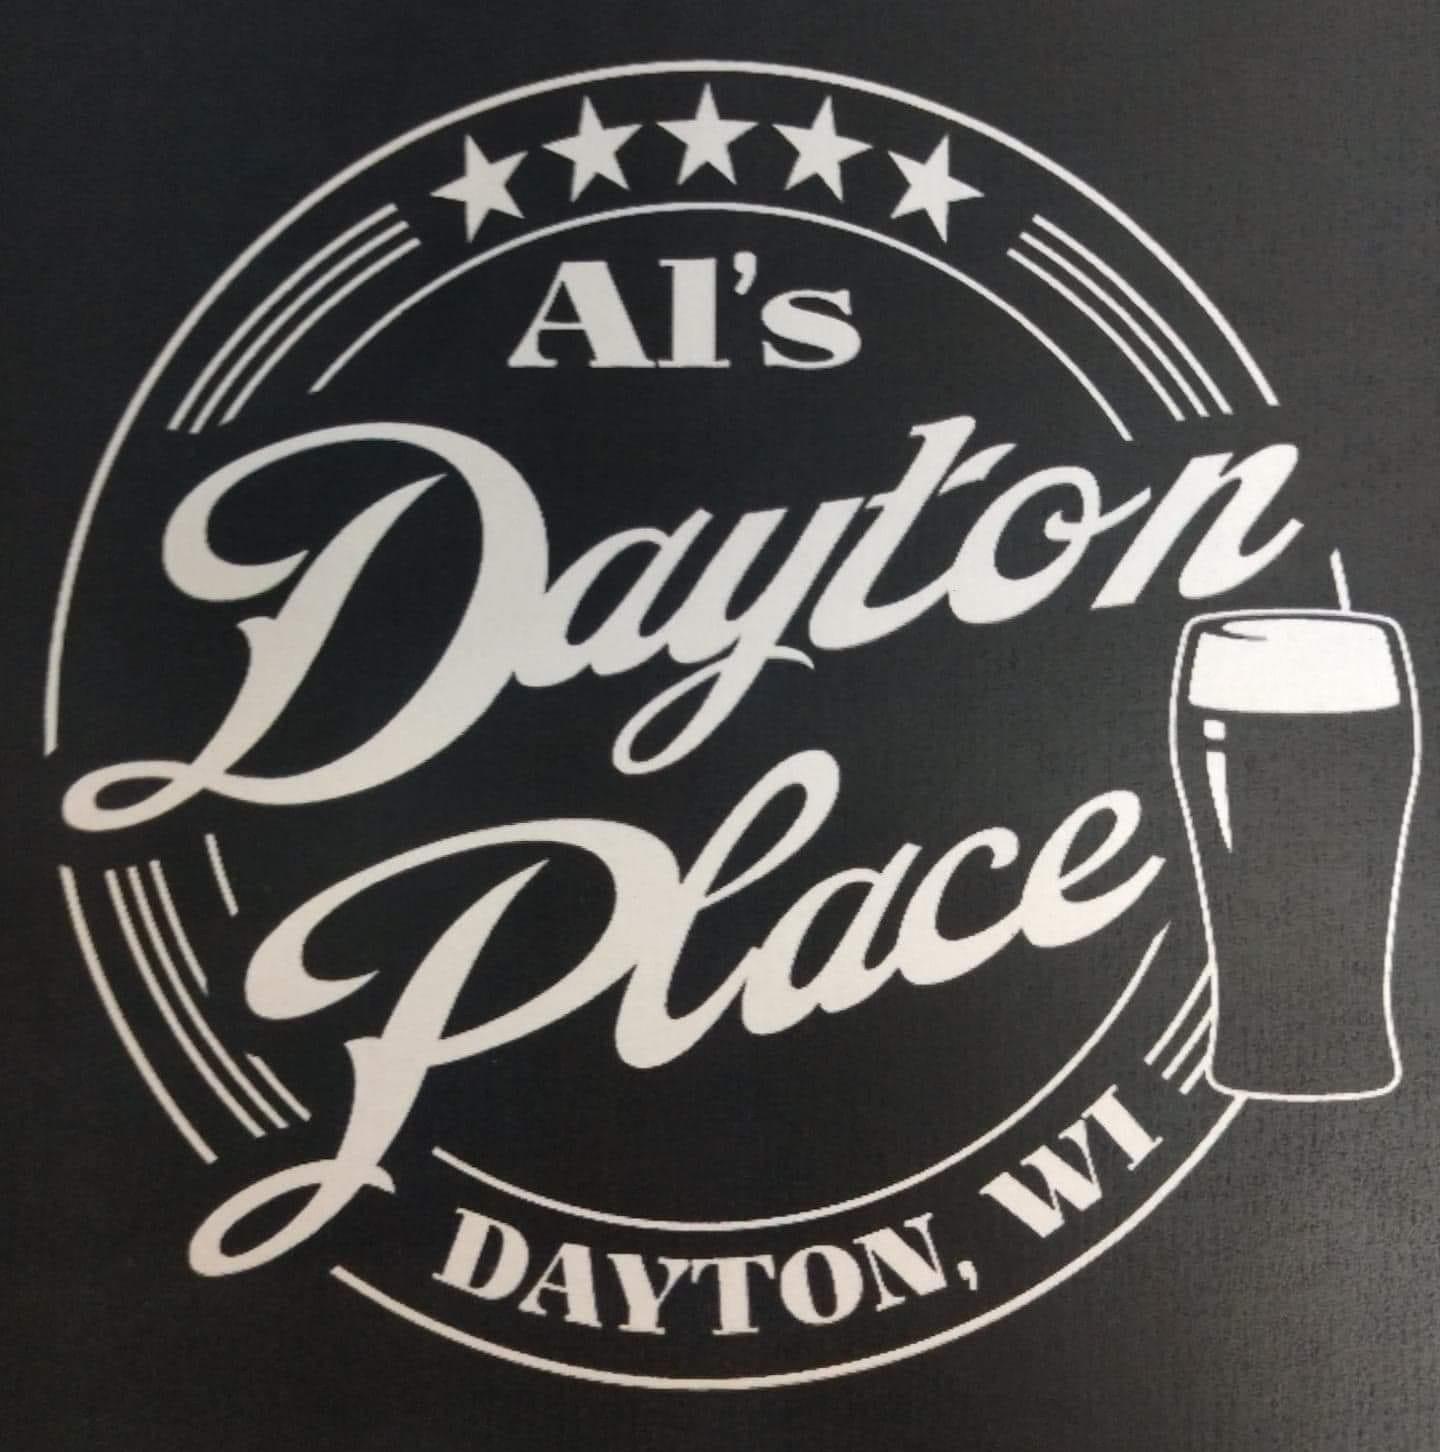 Al's Dayton Place